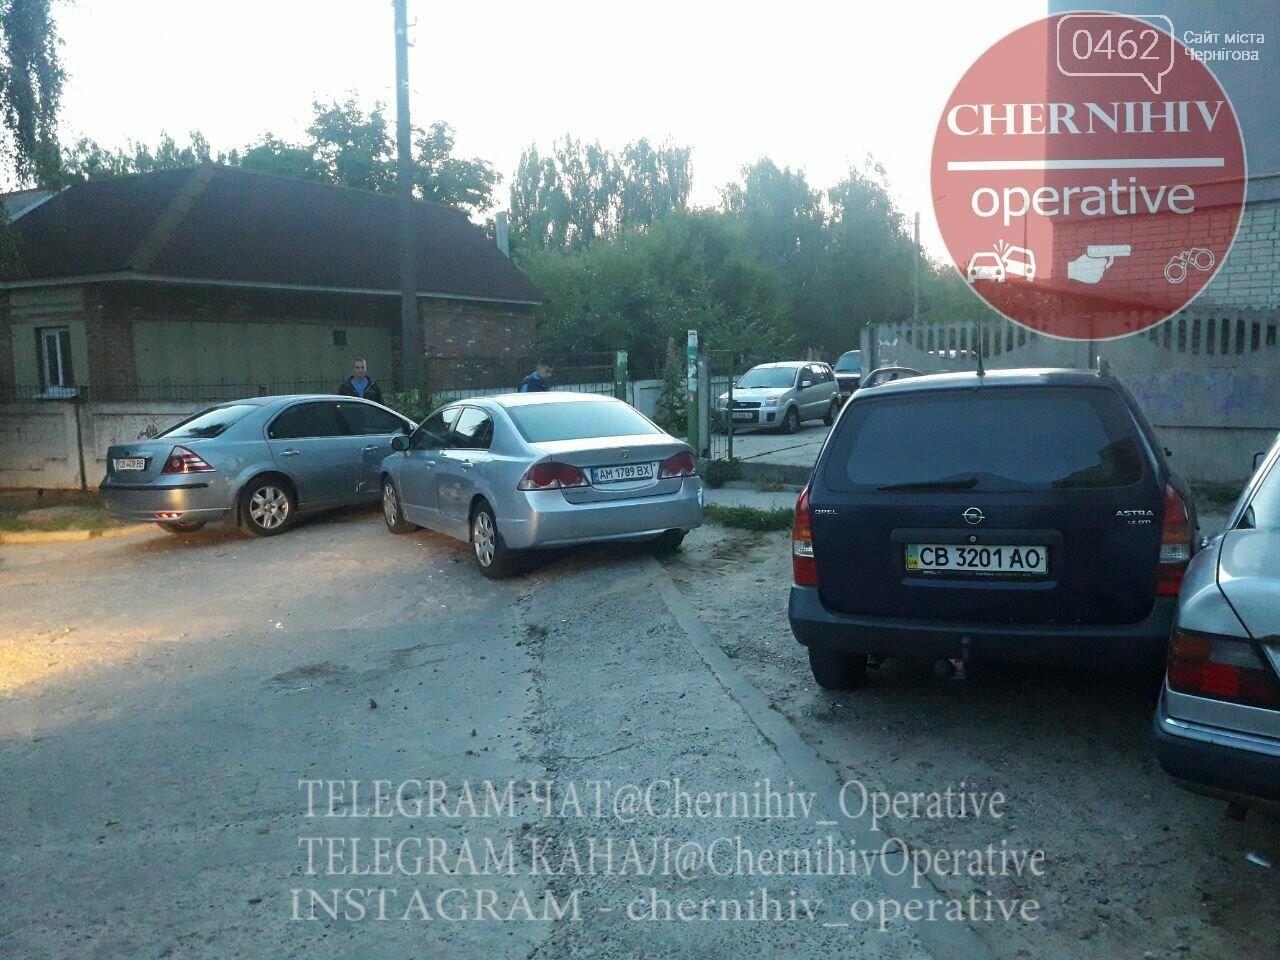 ДТП на ровном месте: в Чернигове водитель повредил стоящие на парковке авто, фото-1